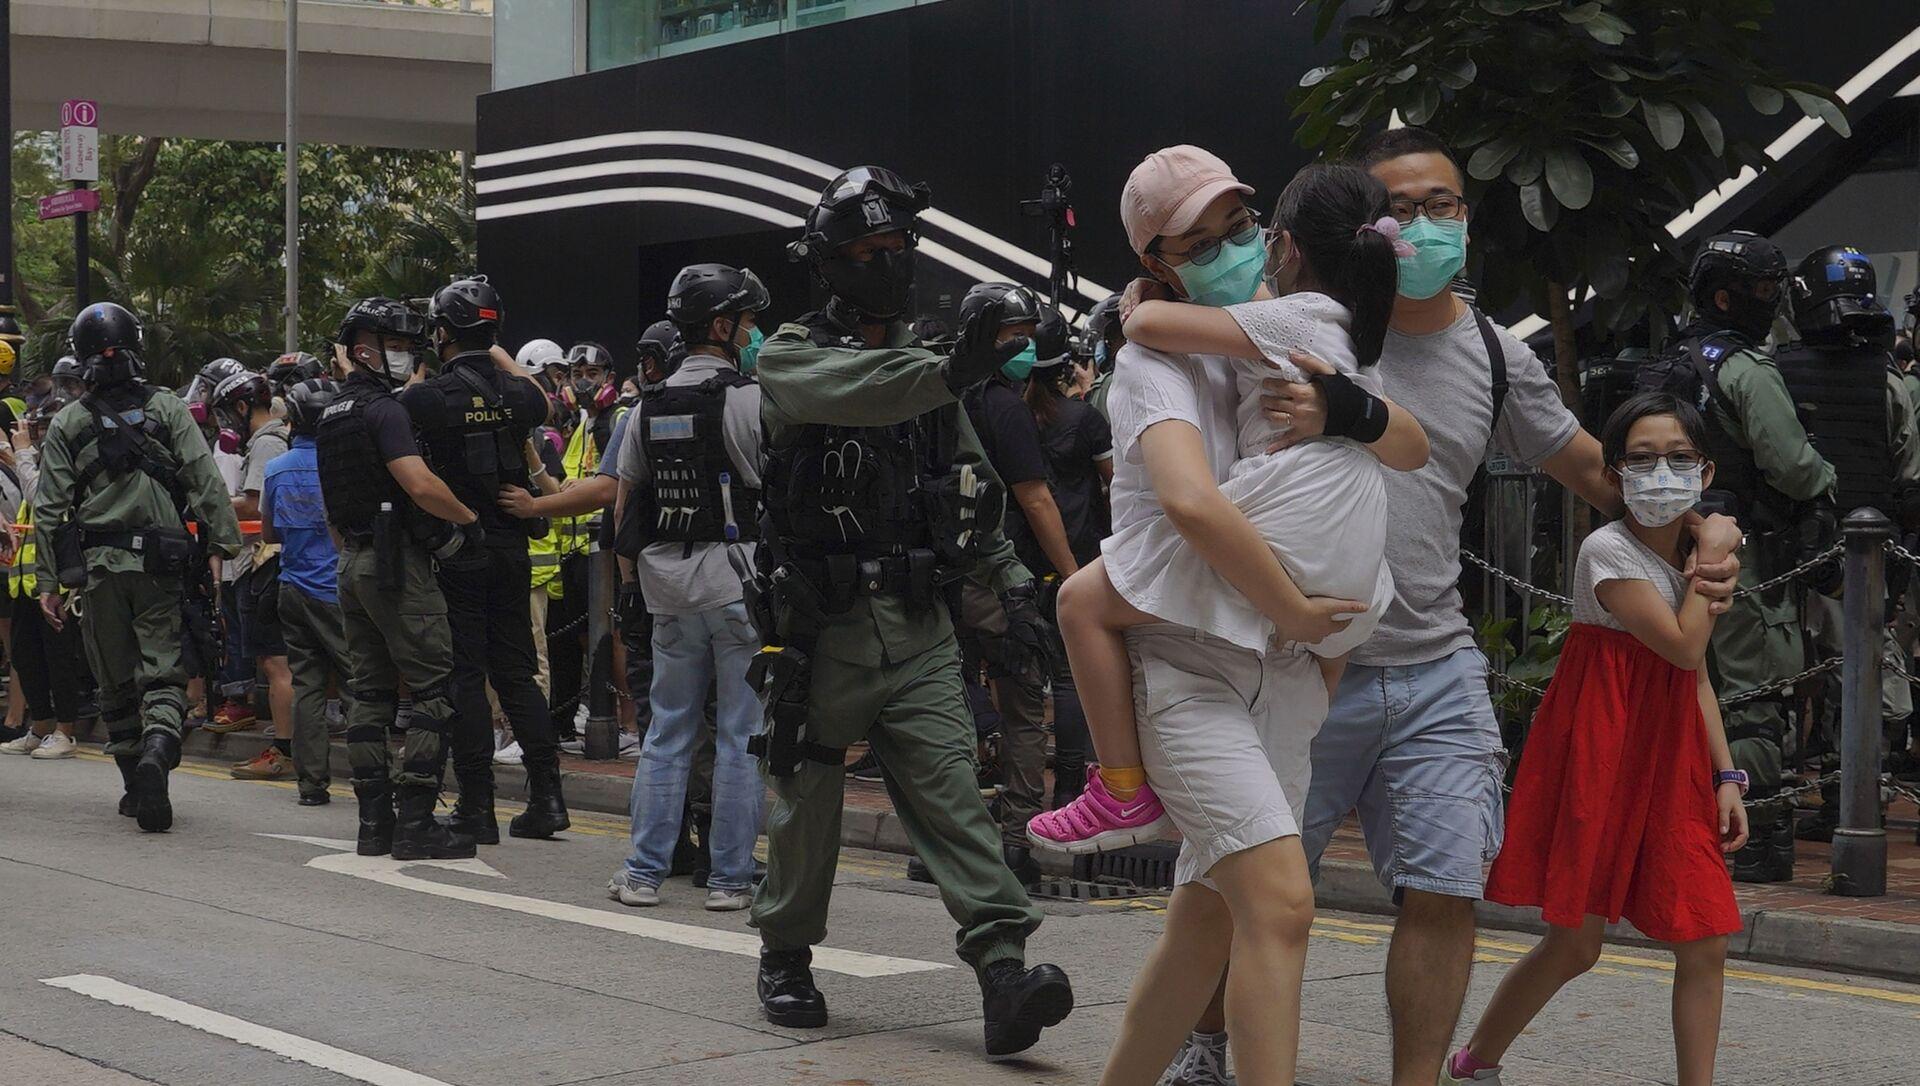 La police de Hong Kong a arrêté des manifestants - Sputnik France, 1920, 08.09.2021